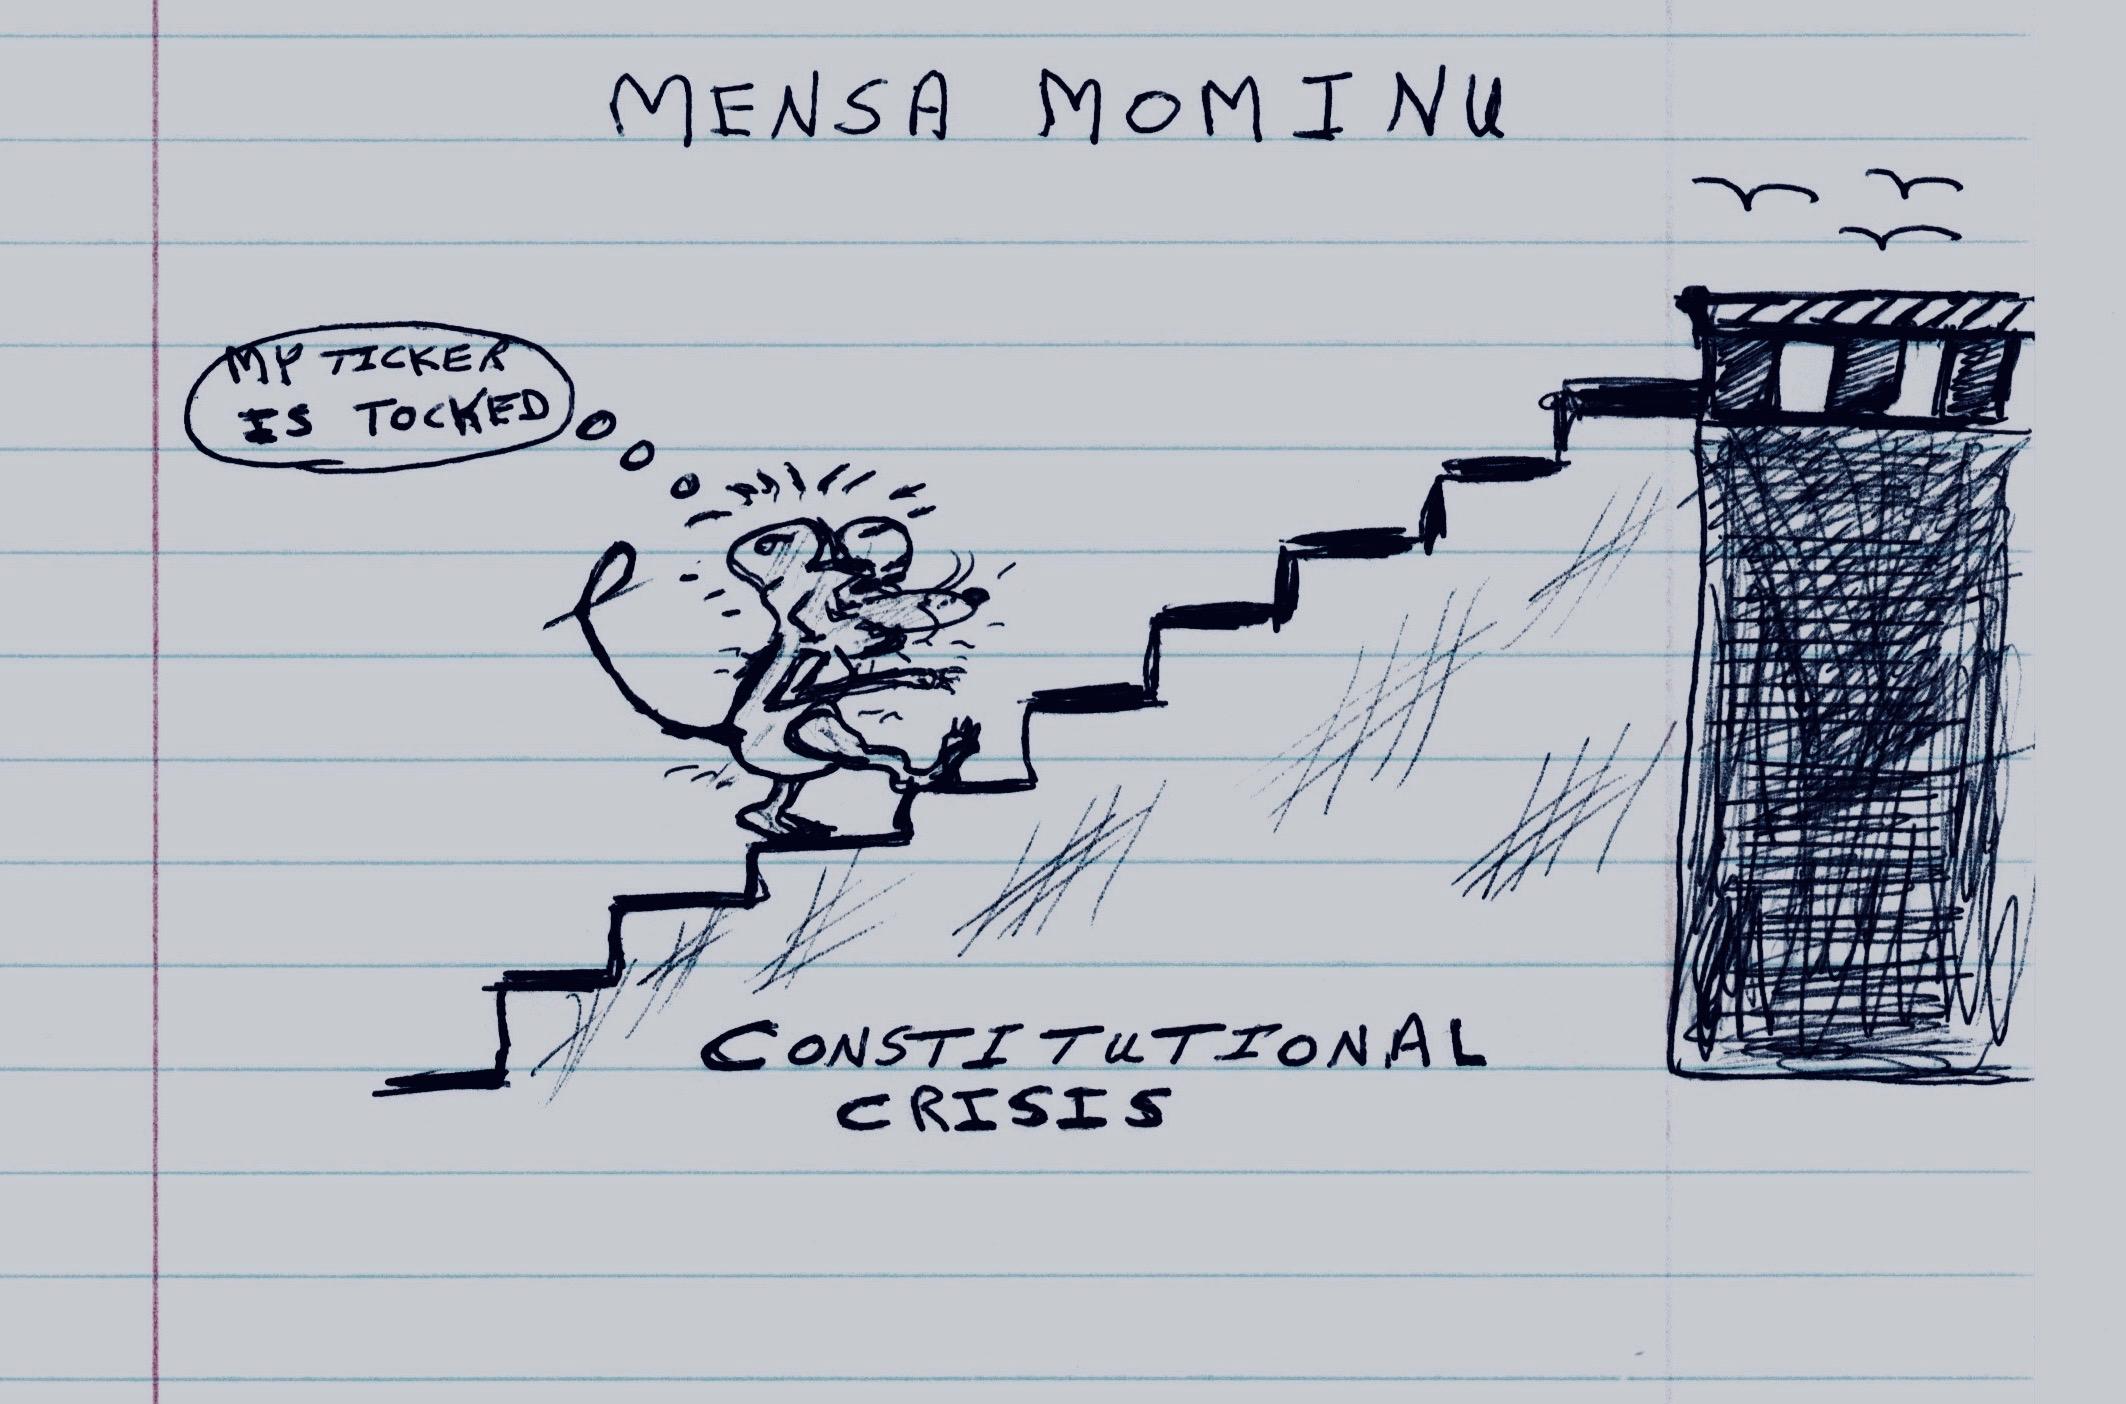 Constitutional Crisis. Mensa Mominu.